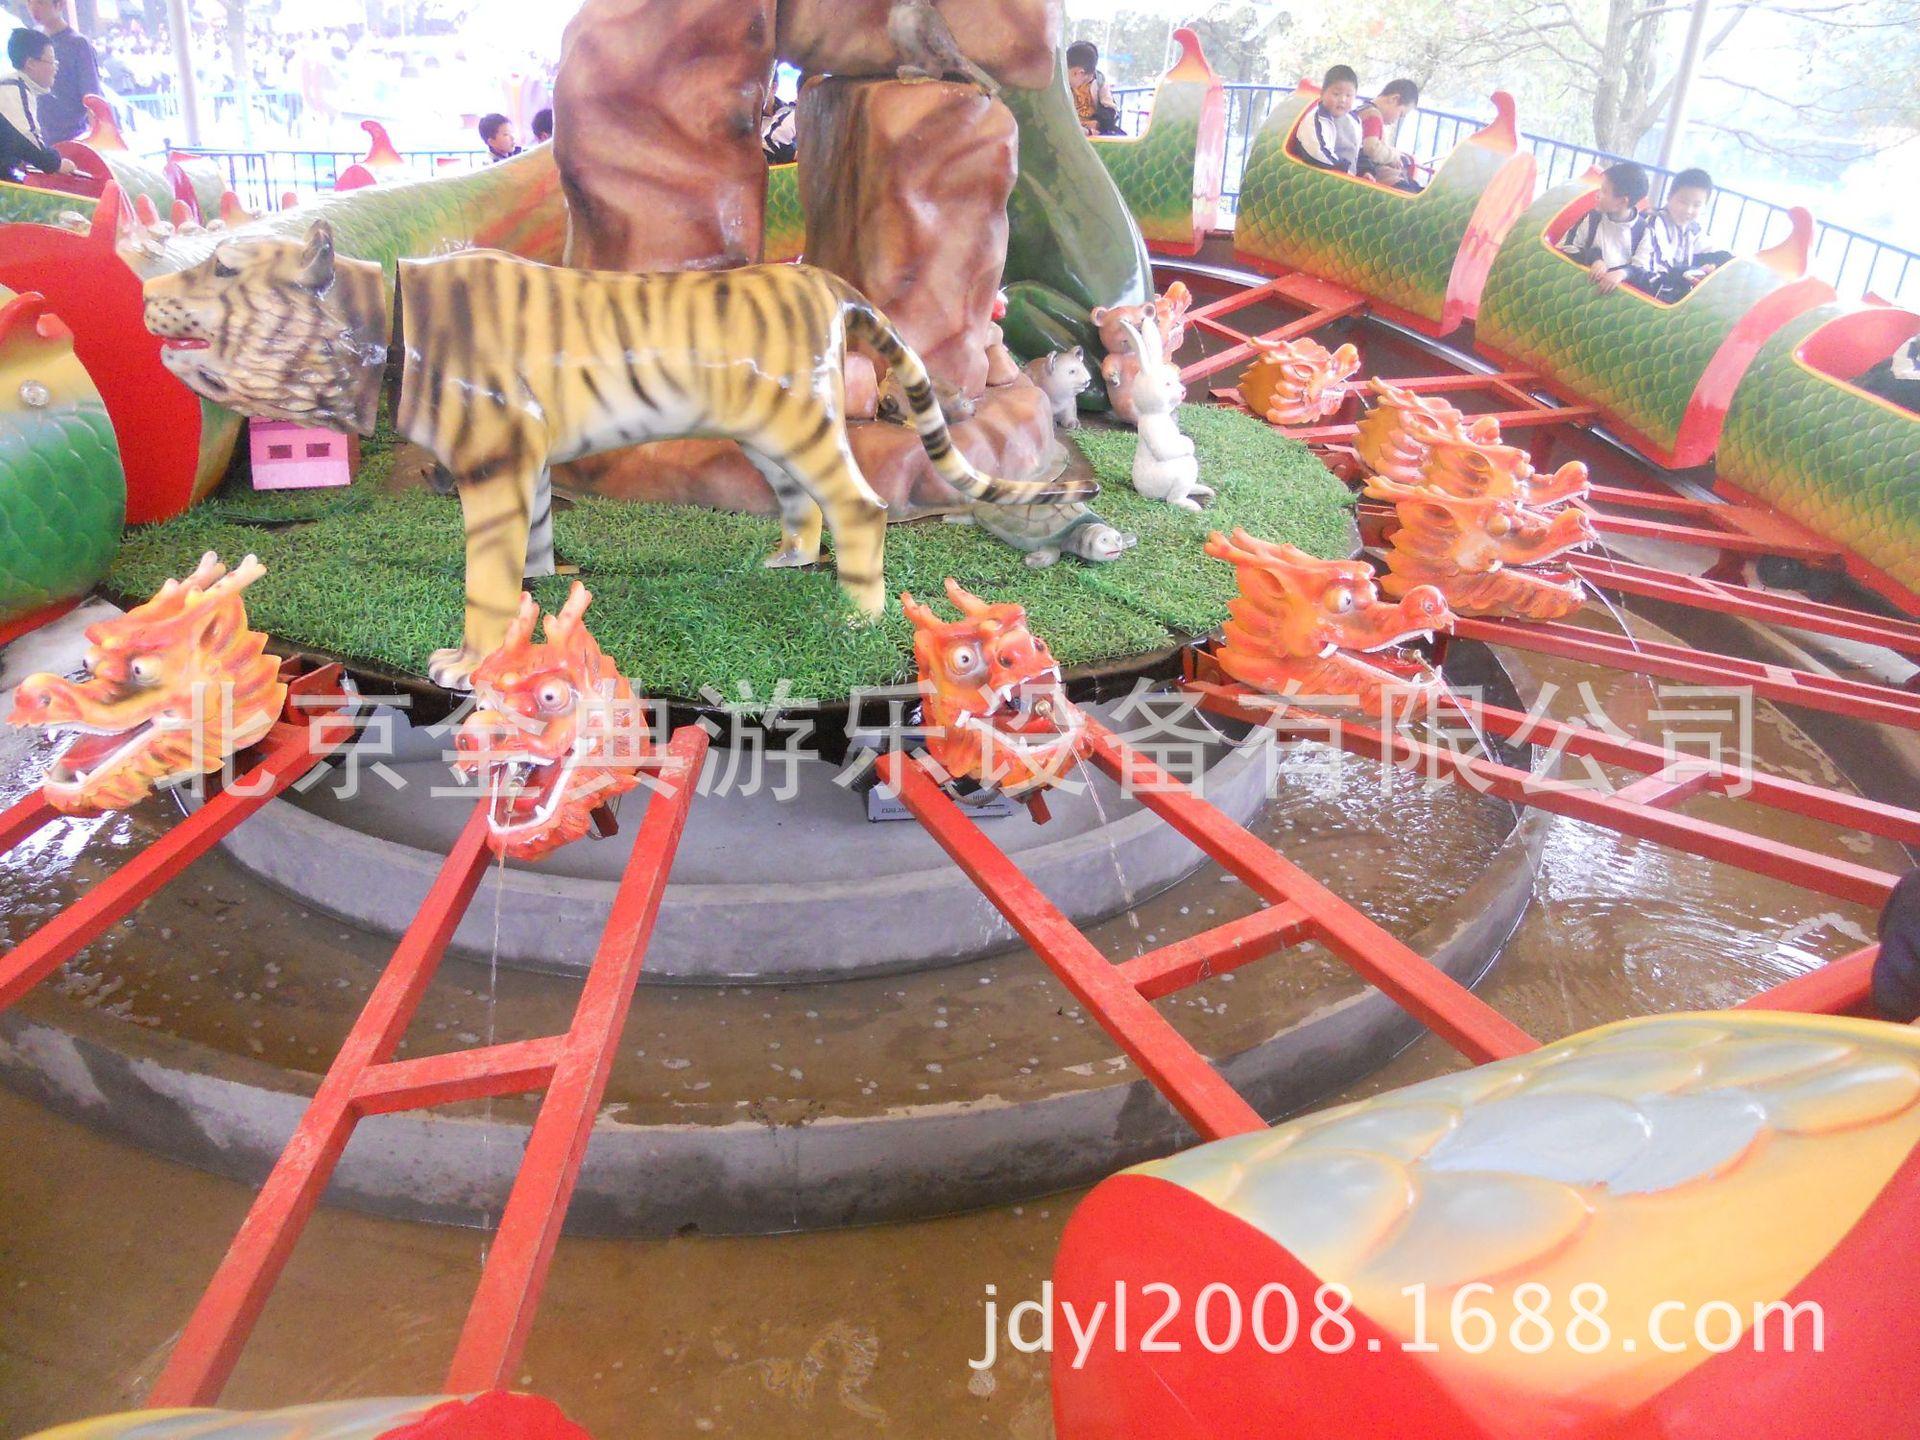 北京金典游乐设备龙腾虎跃游乐设备儿童游乐场设备公园游乐设备示例图8